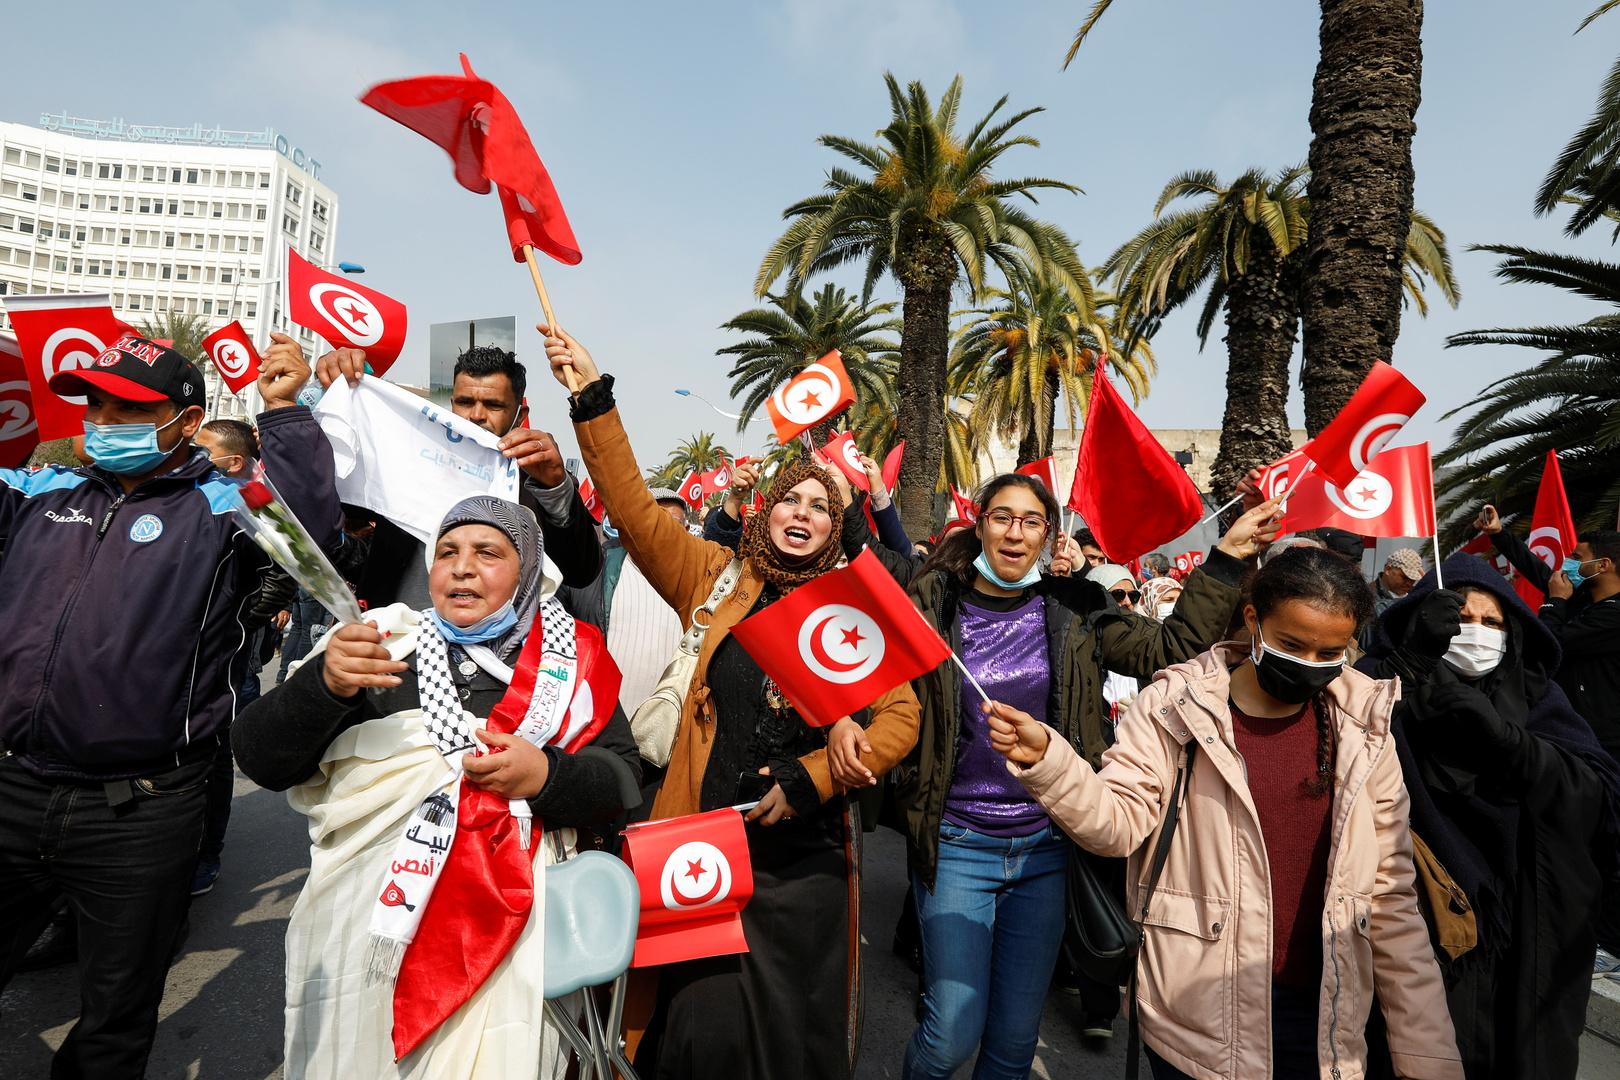 تونس: رفع الحجر الإجباري على القادمين من الخارج واستئناف الأنشطة الثقافية